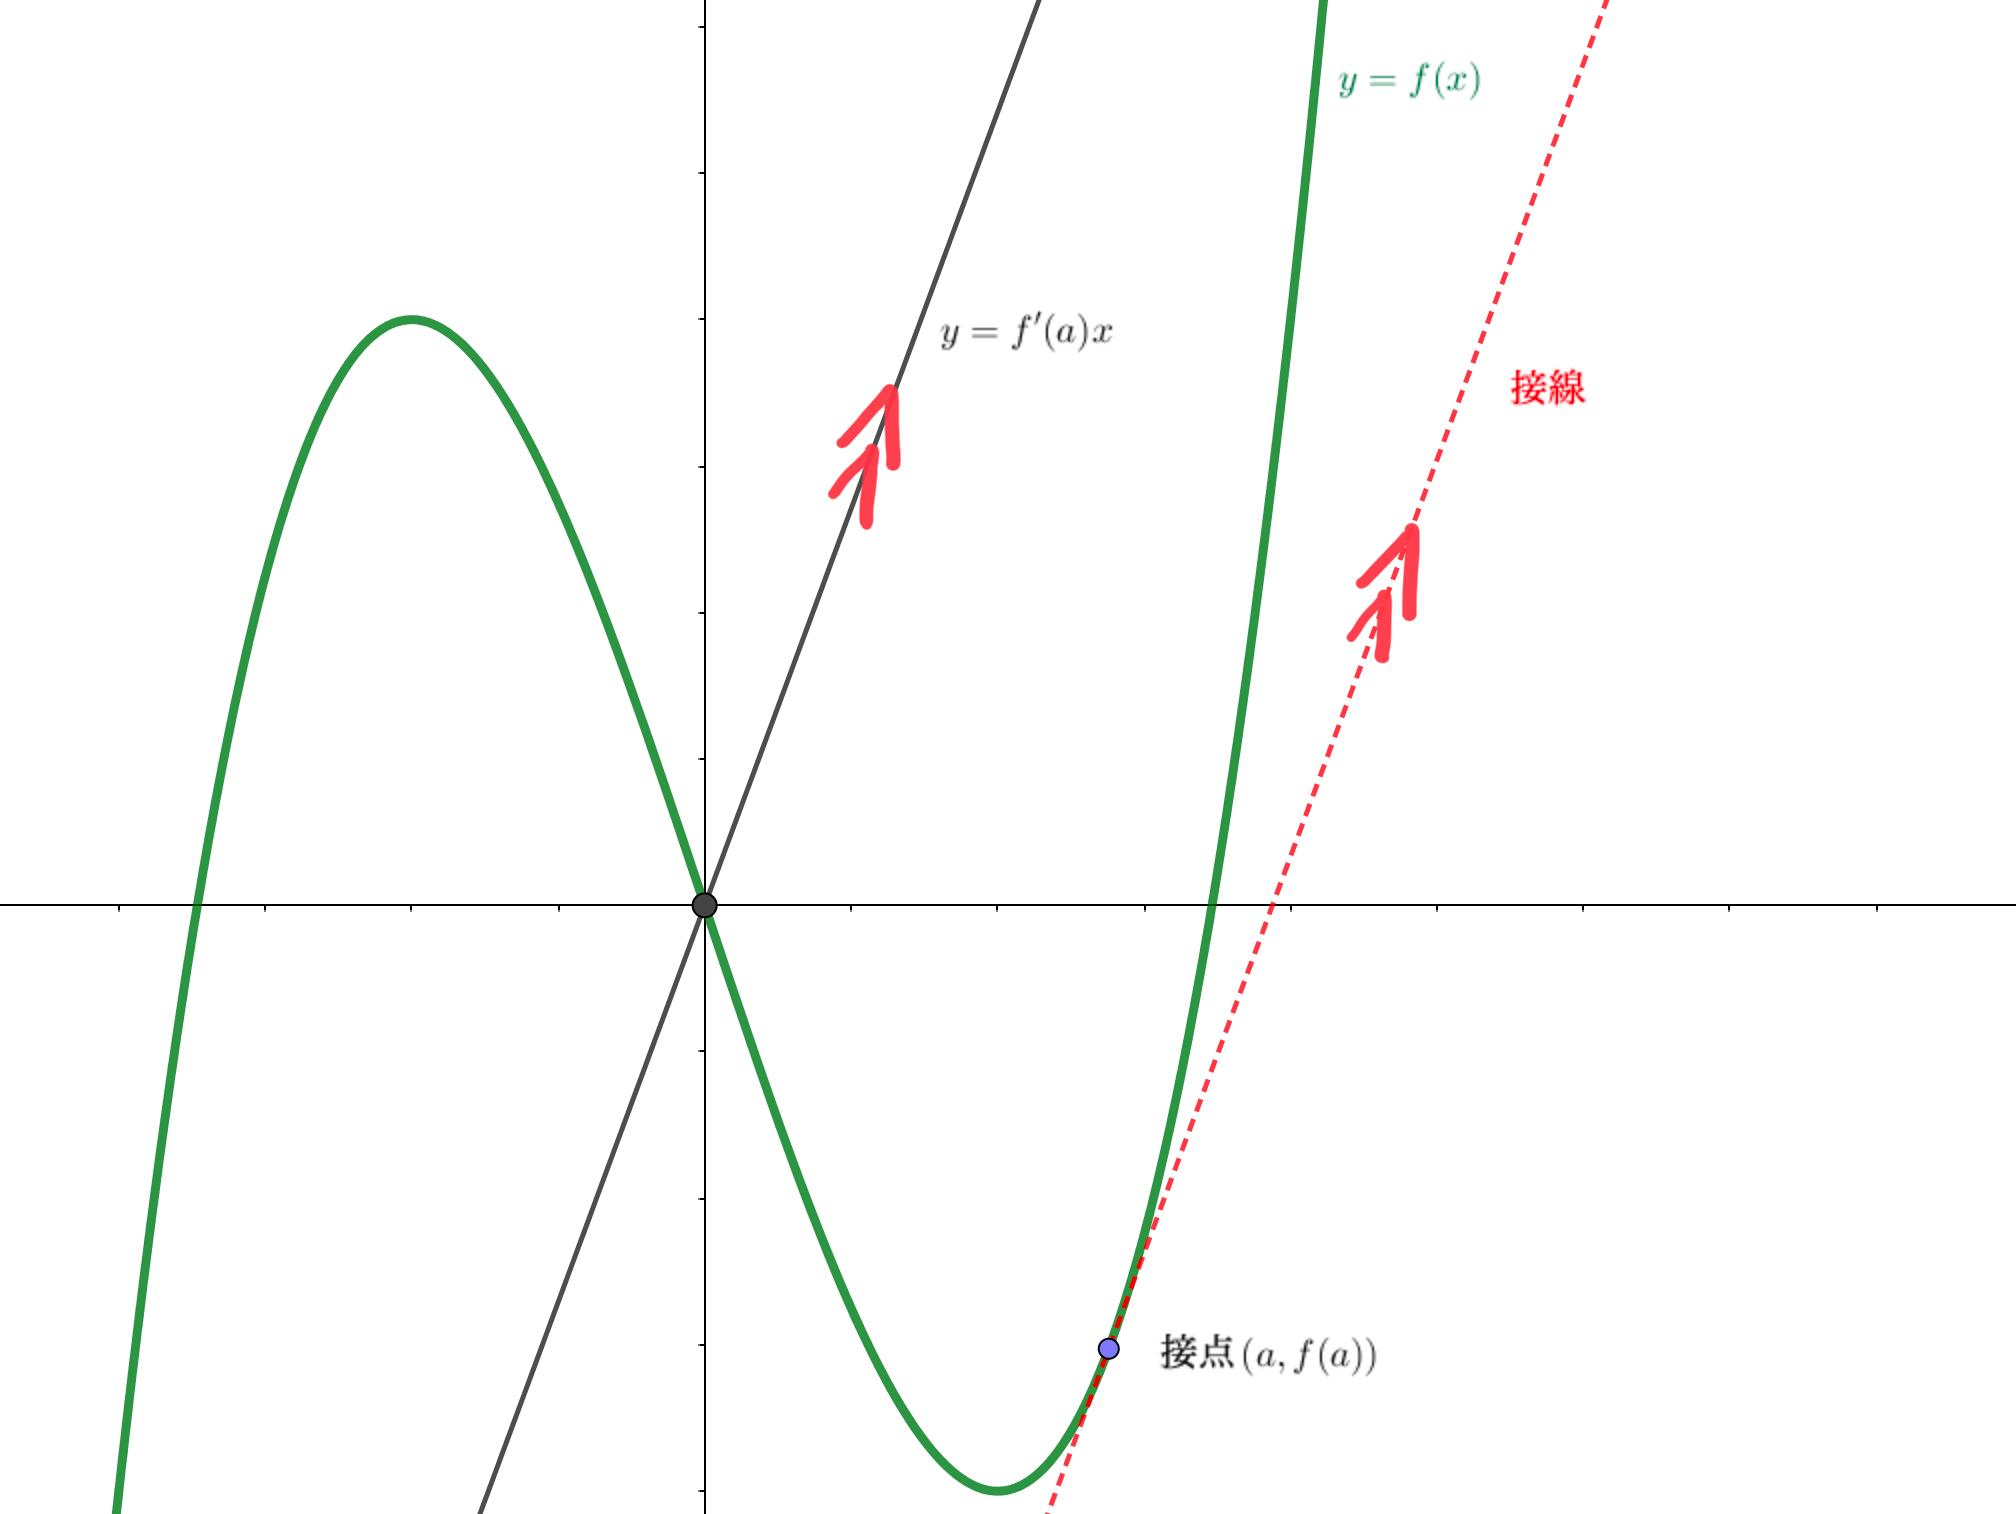 接線と並行な直線を考える